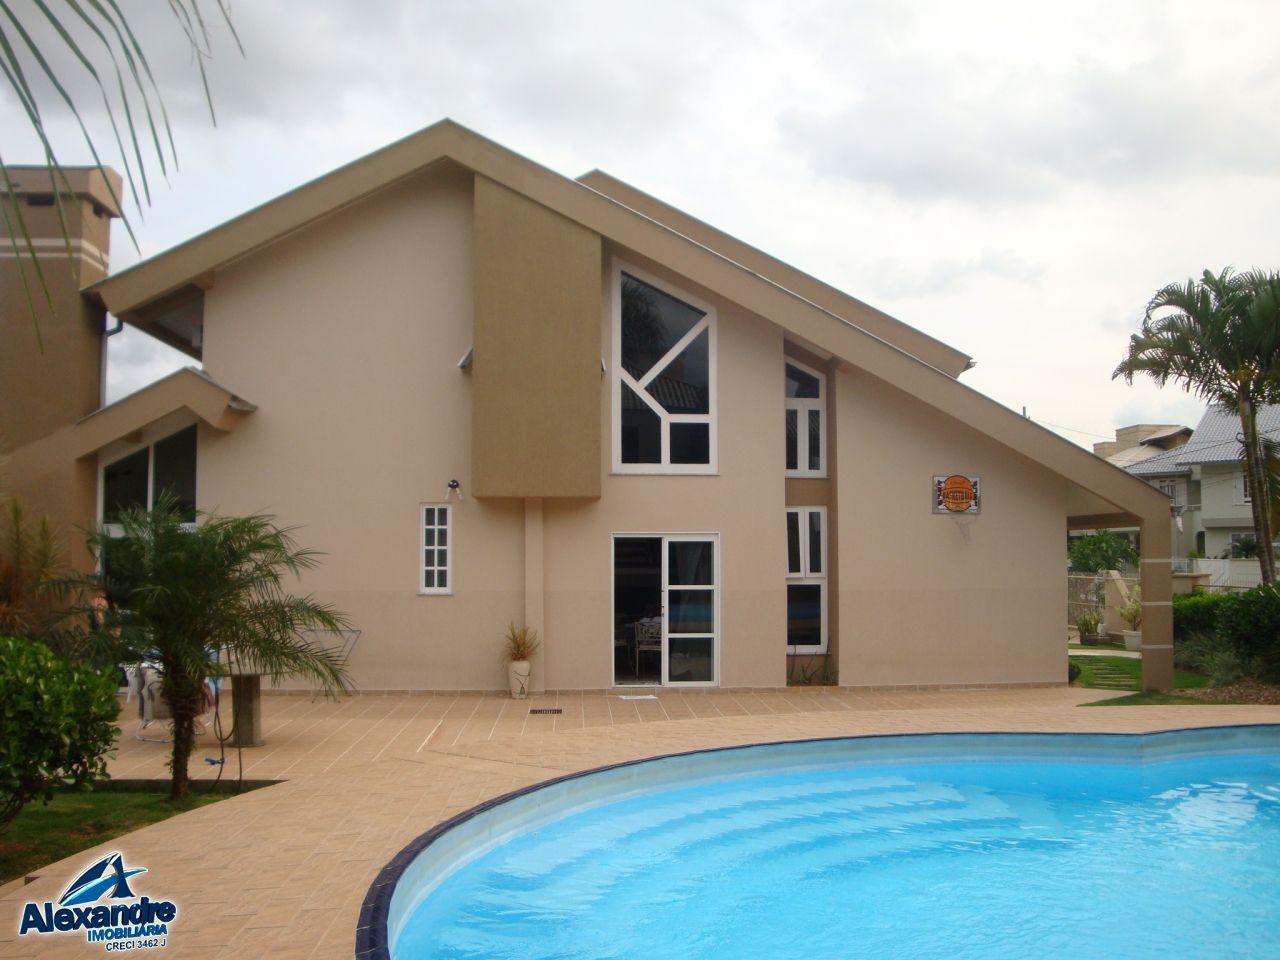 Casa à venda  no Amizade - Jaraguá do Sul, SC. Imóveis